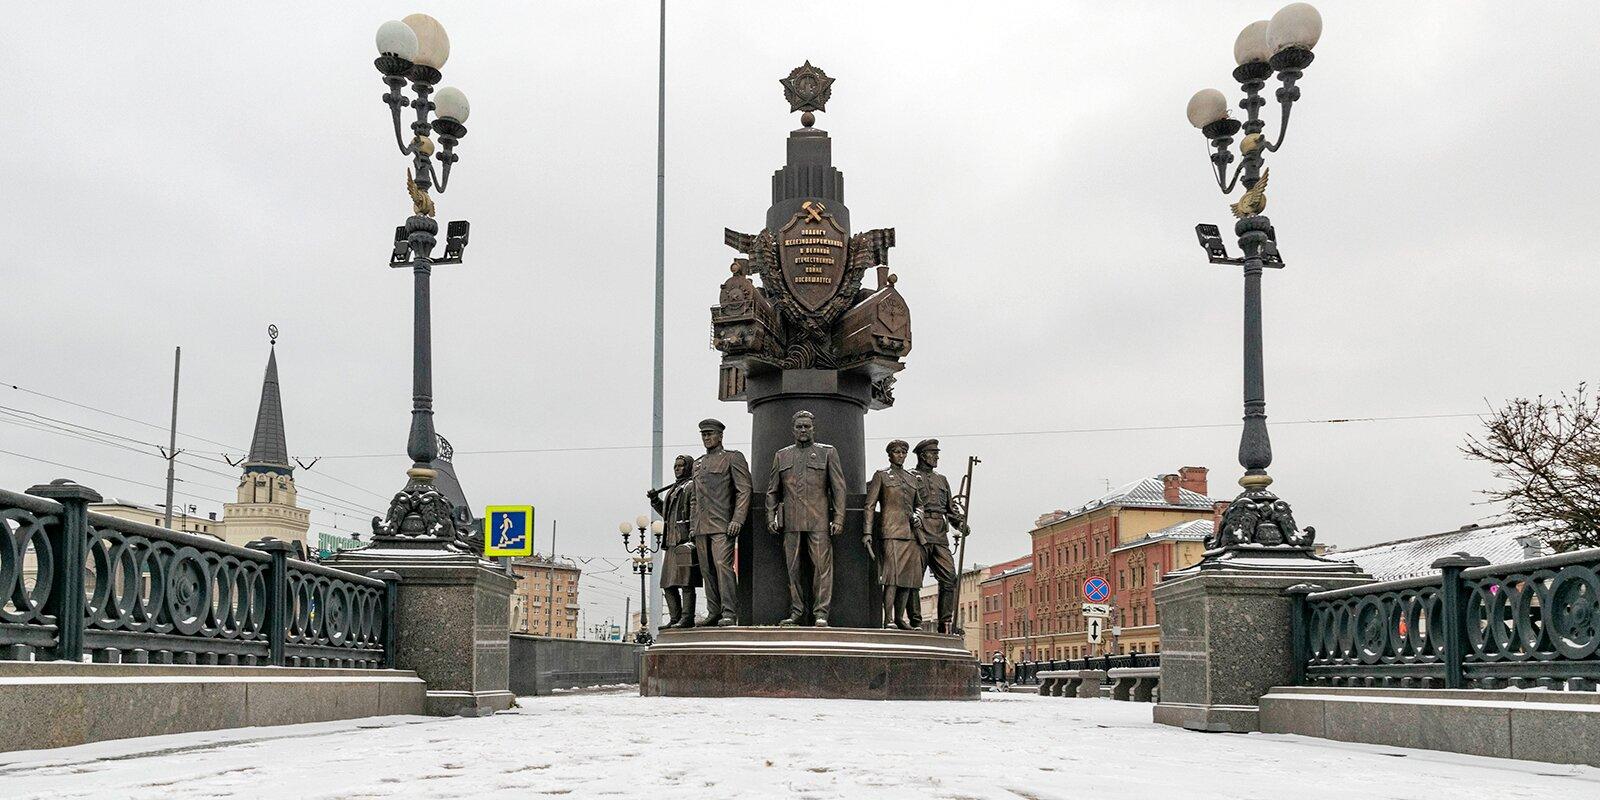 Монументальная история: знаки памяти, появившиеся в Москве в 2020 году